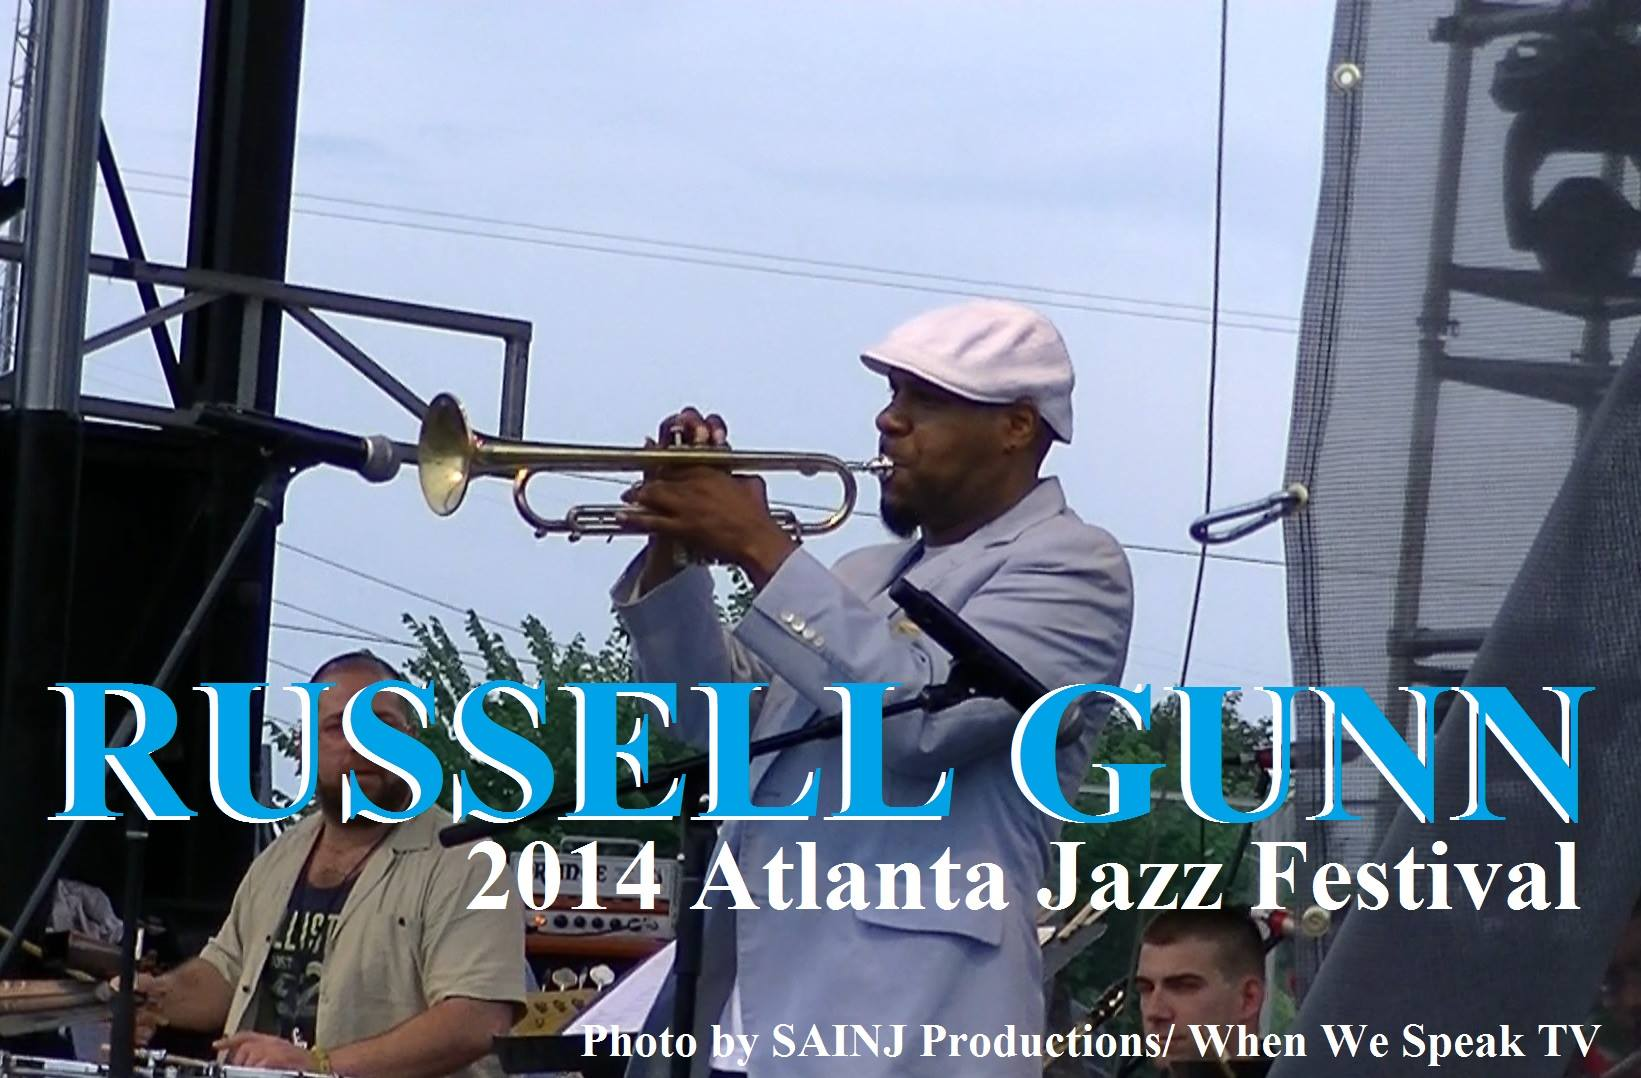 Russell Gunn Solo at Atlanta Jazz Festival